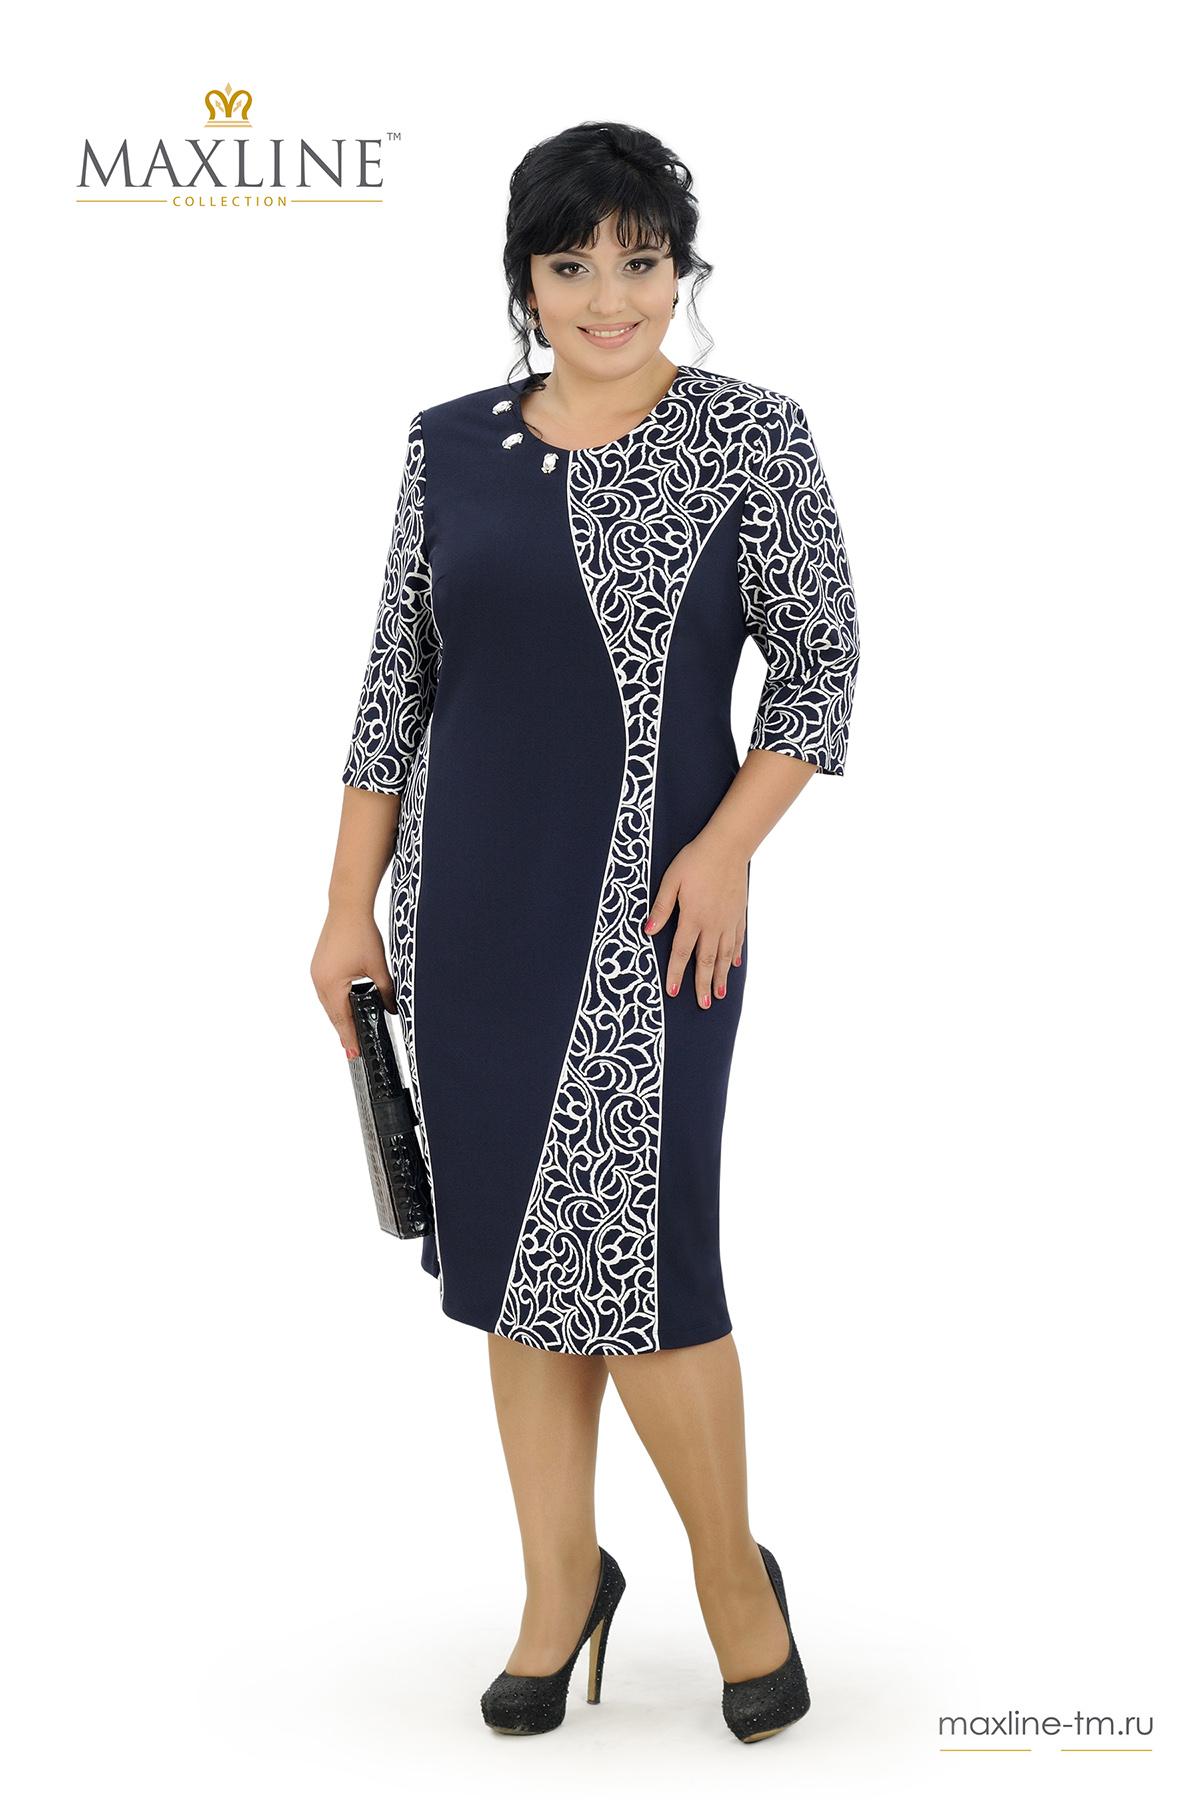 Закрыта! Сбор заказов.БЕЗ РЯДОВ! Платья и костюмы из Киргизии: экономим на цене, а не на качестве.Размеры от 42 до 64.Не упусти шанс быть красивой в любом размере!